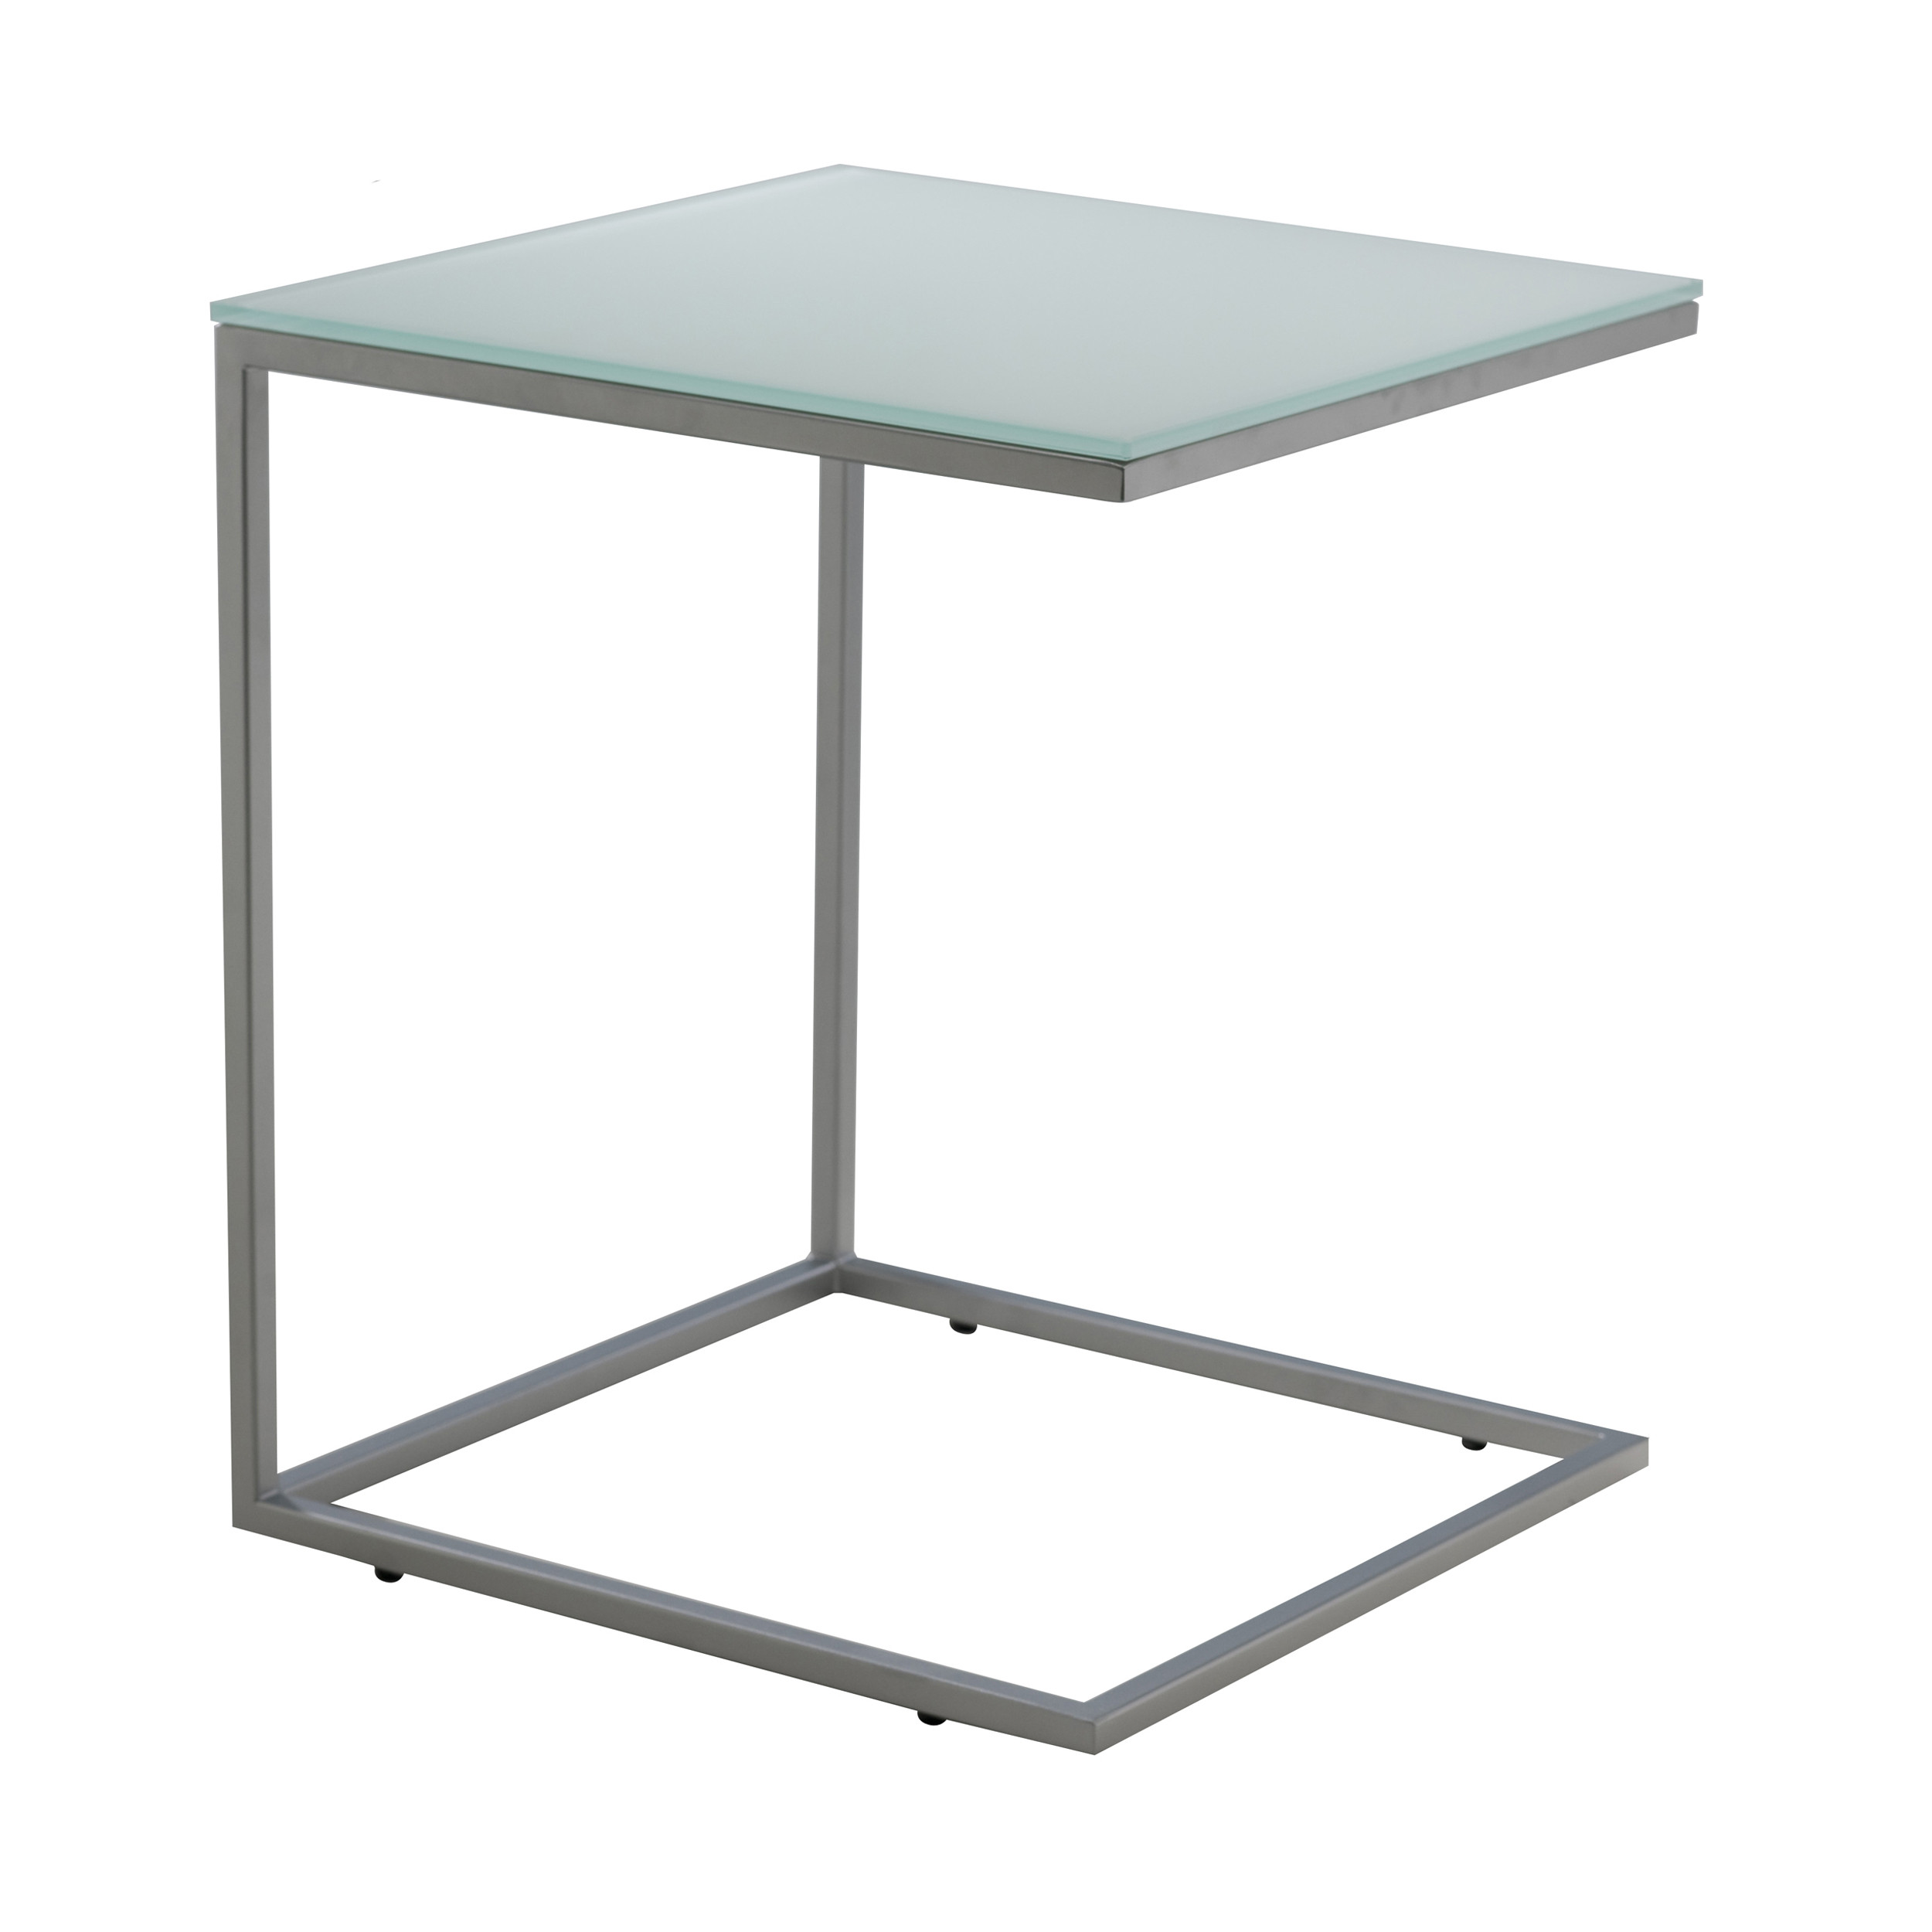 classico 40 beistell und couchtisch gestell stahl wei online kaufen bei woonio. Black Bedroom Furniture Sets. Home Design Ideas